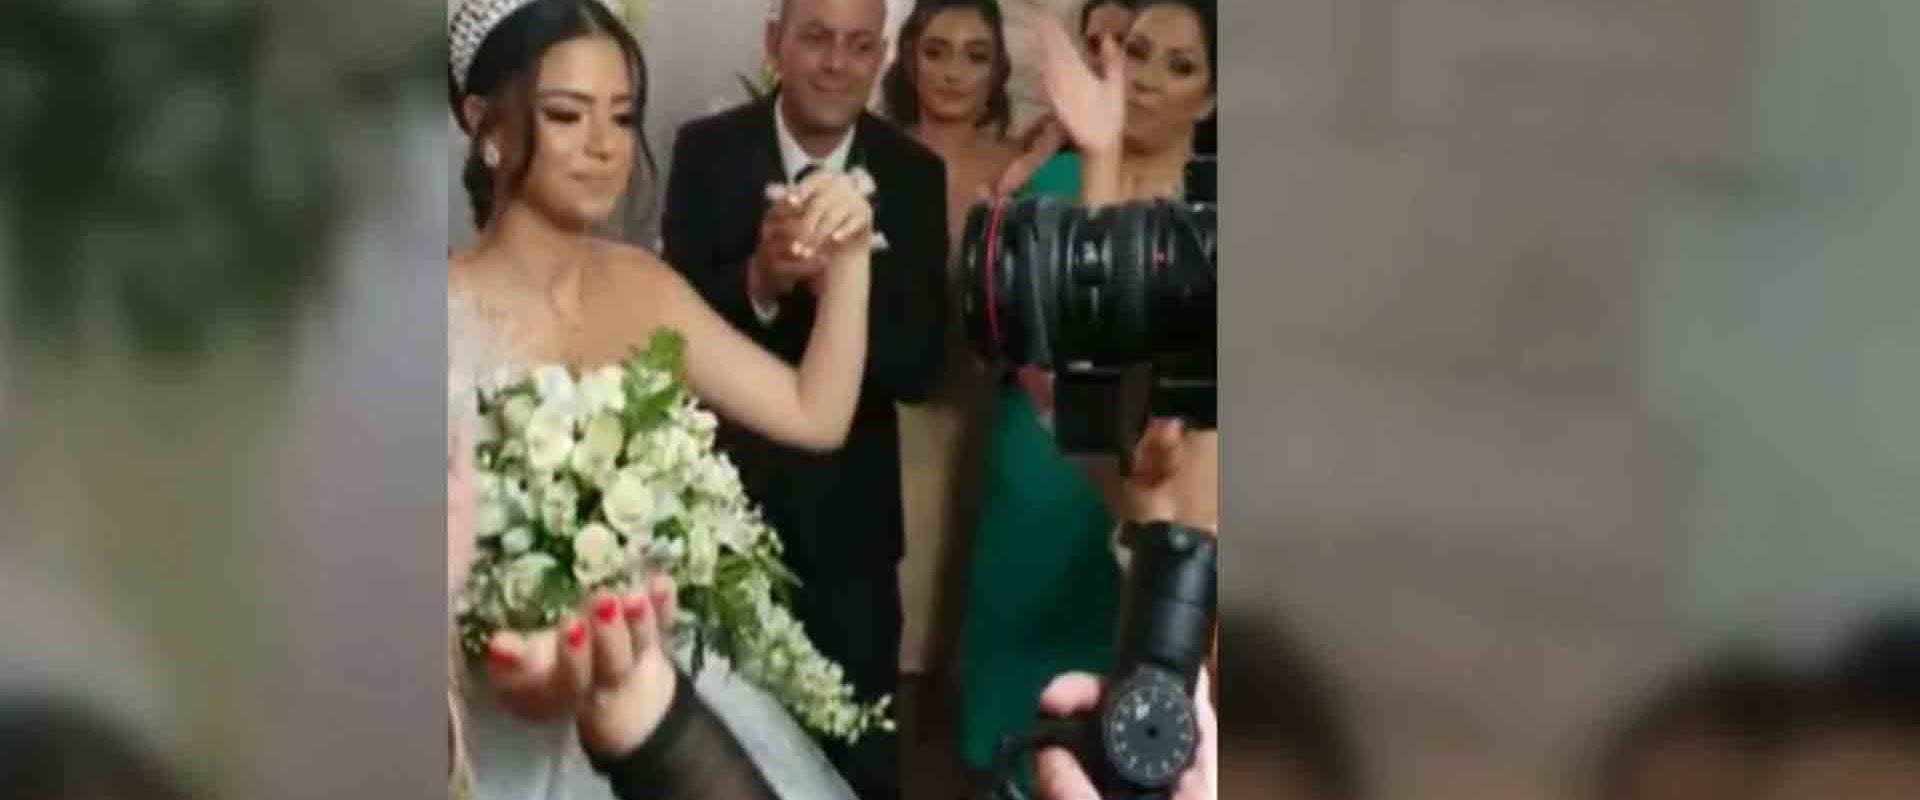 טרגדיה באשדוד: האב מת במהלך חתונת בתו